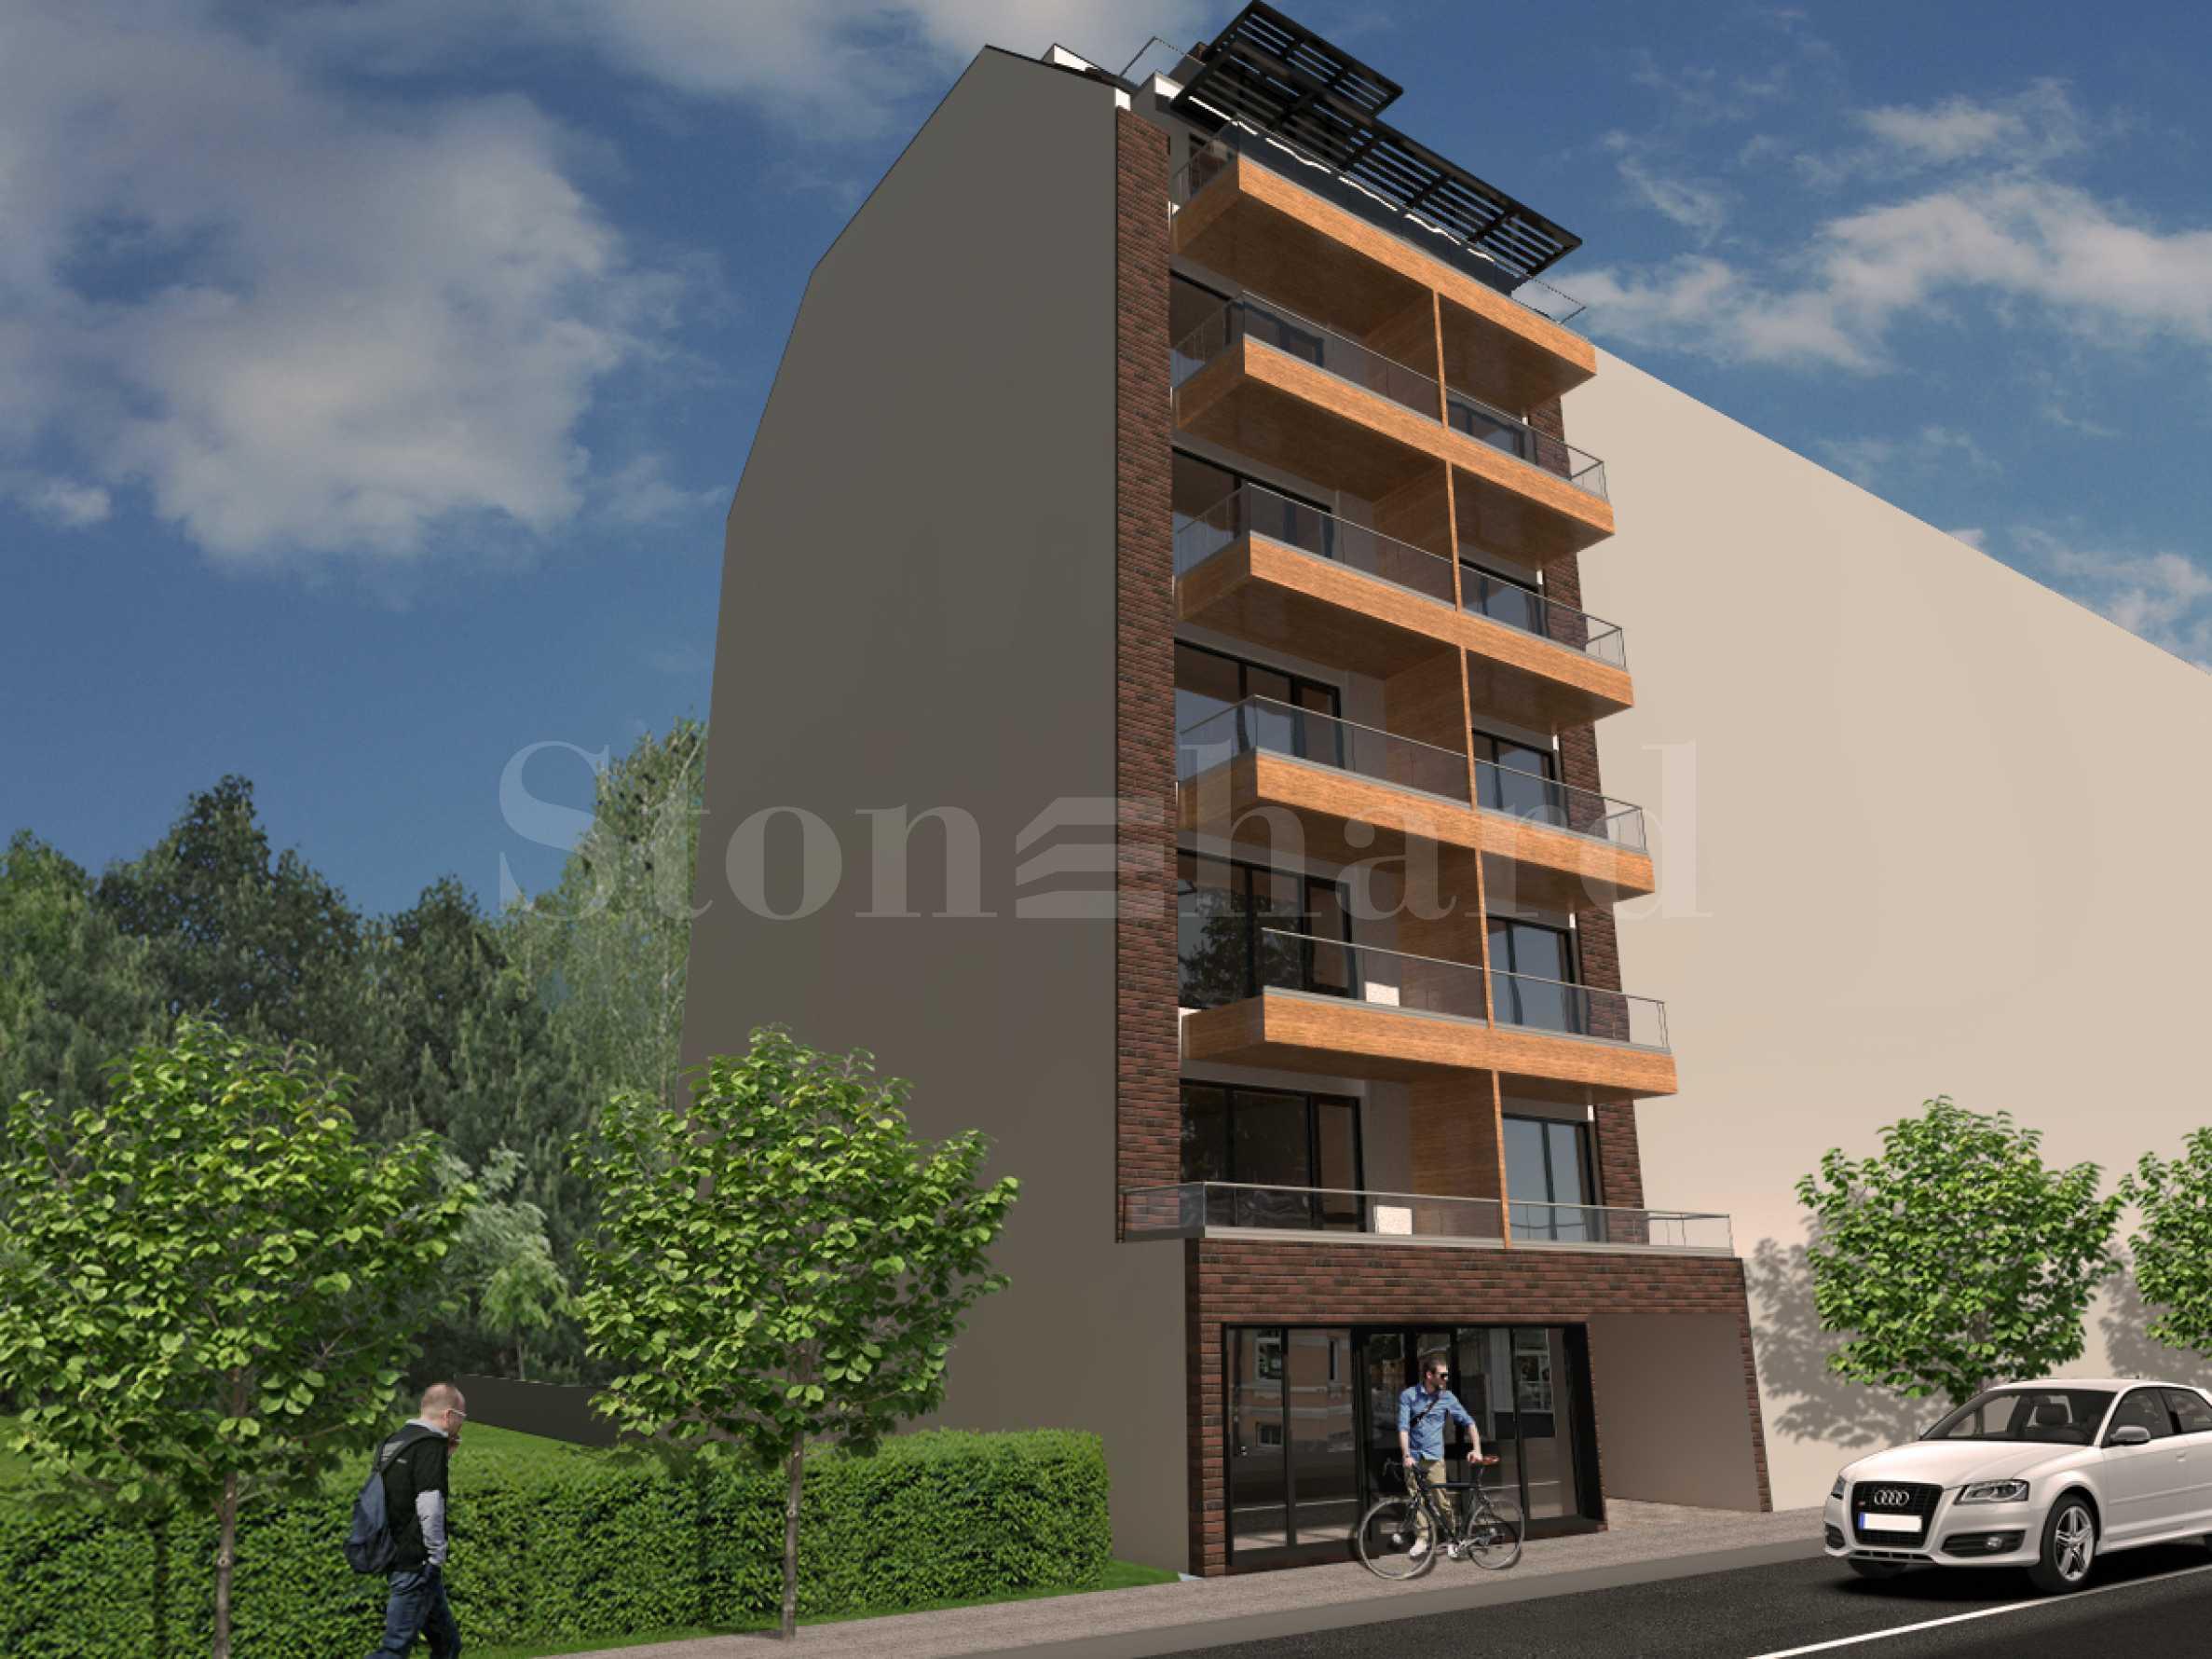 Високоетажна жилищна сграда с двустайни апартаменти в широкия център1 - Stonehard